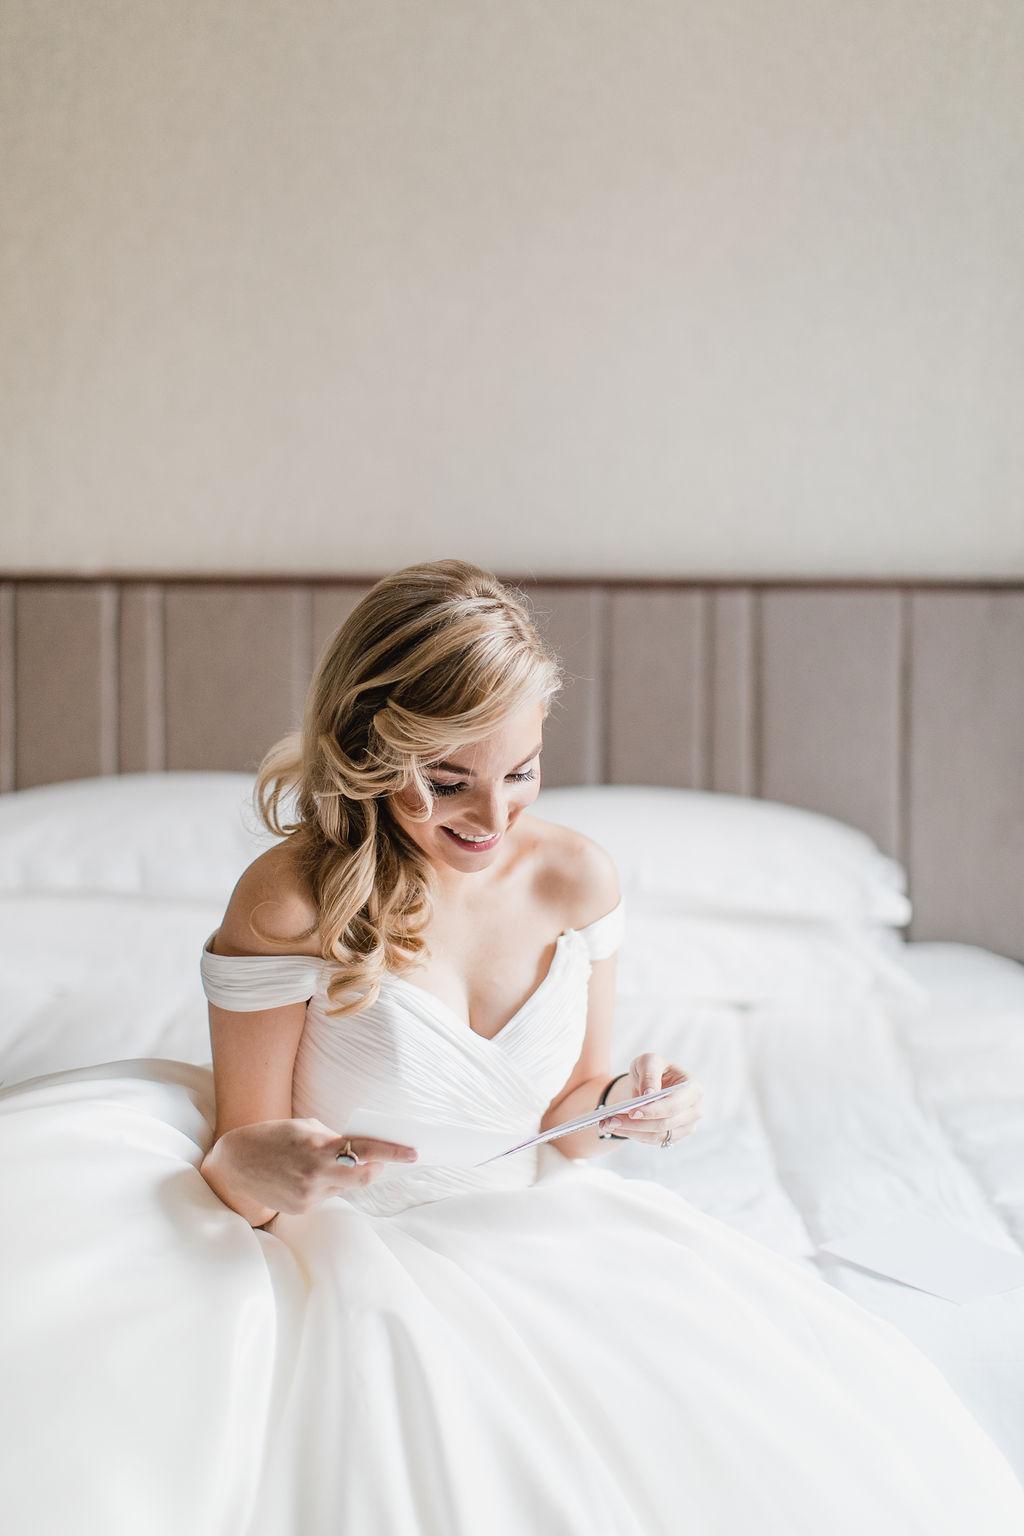 040_alex+kyle_wedding_by_Amber_Marlow.jpg